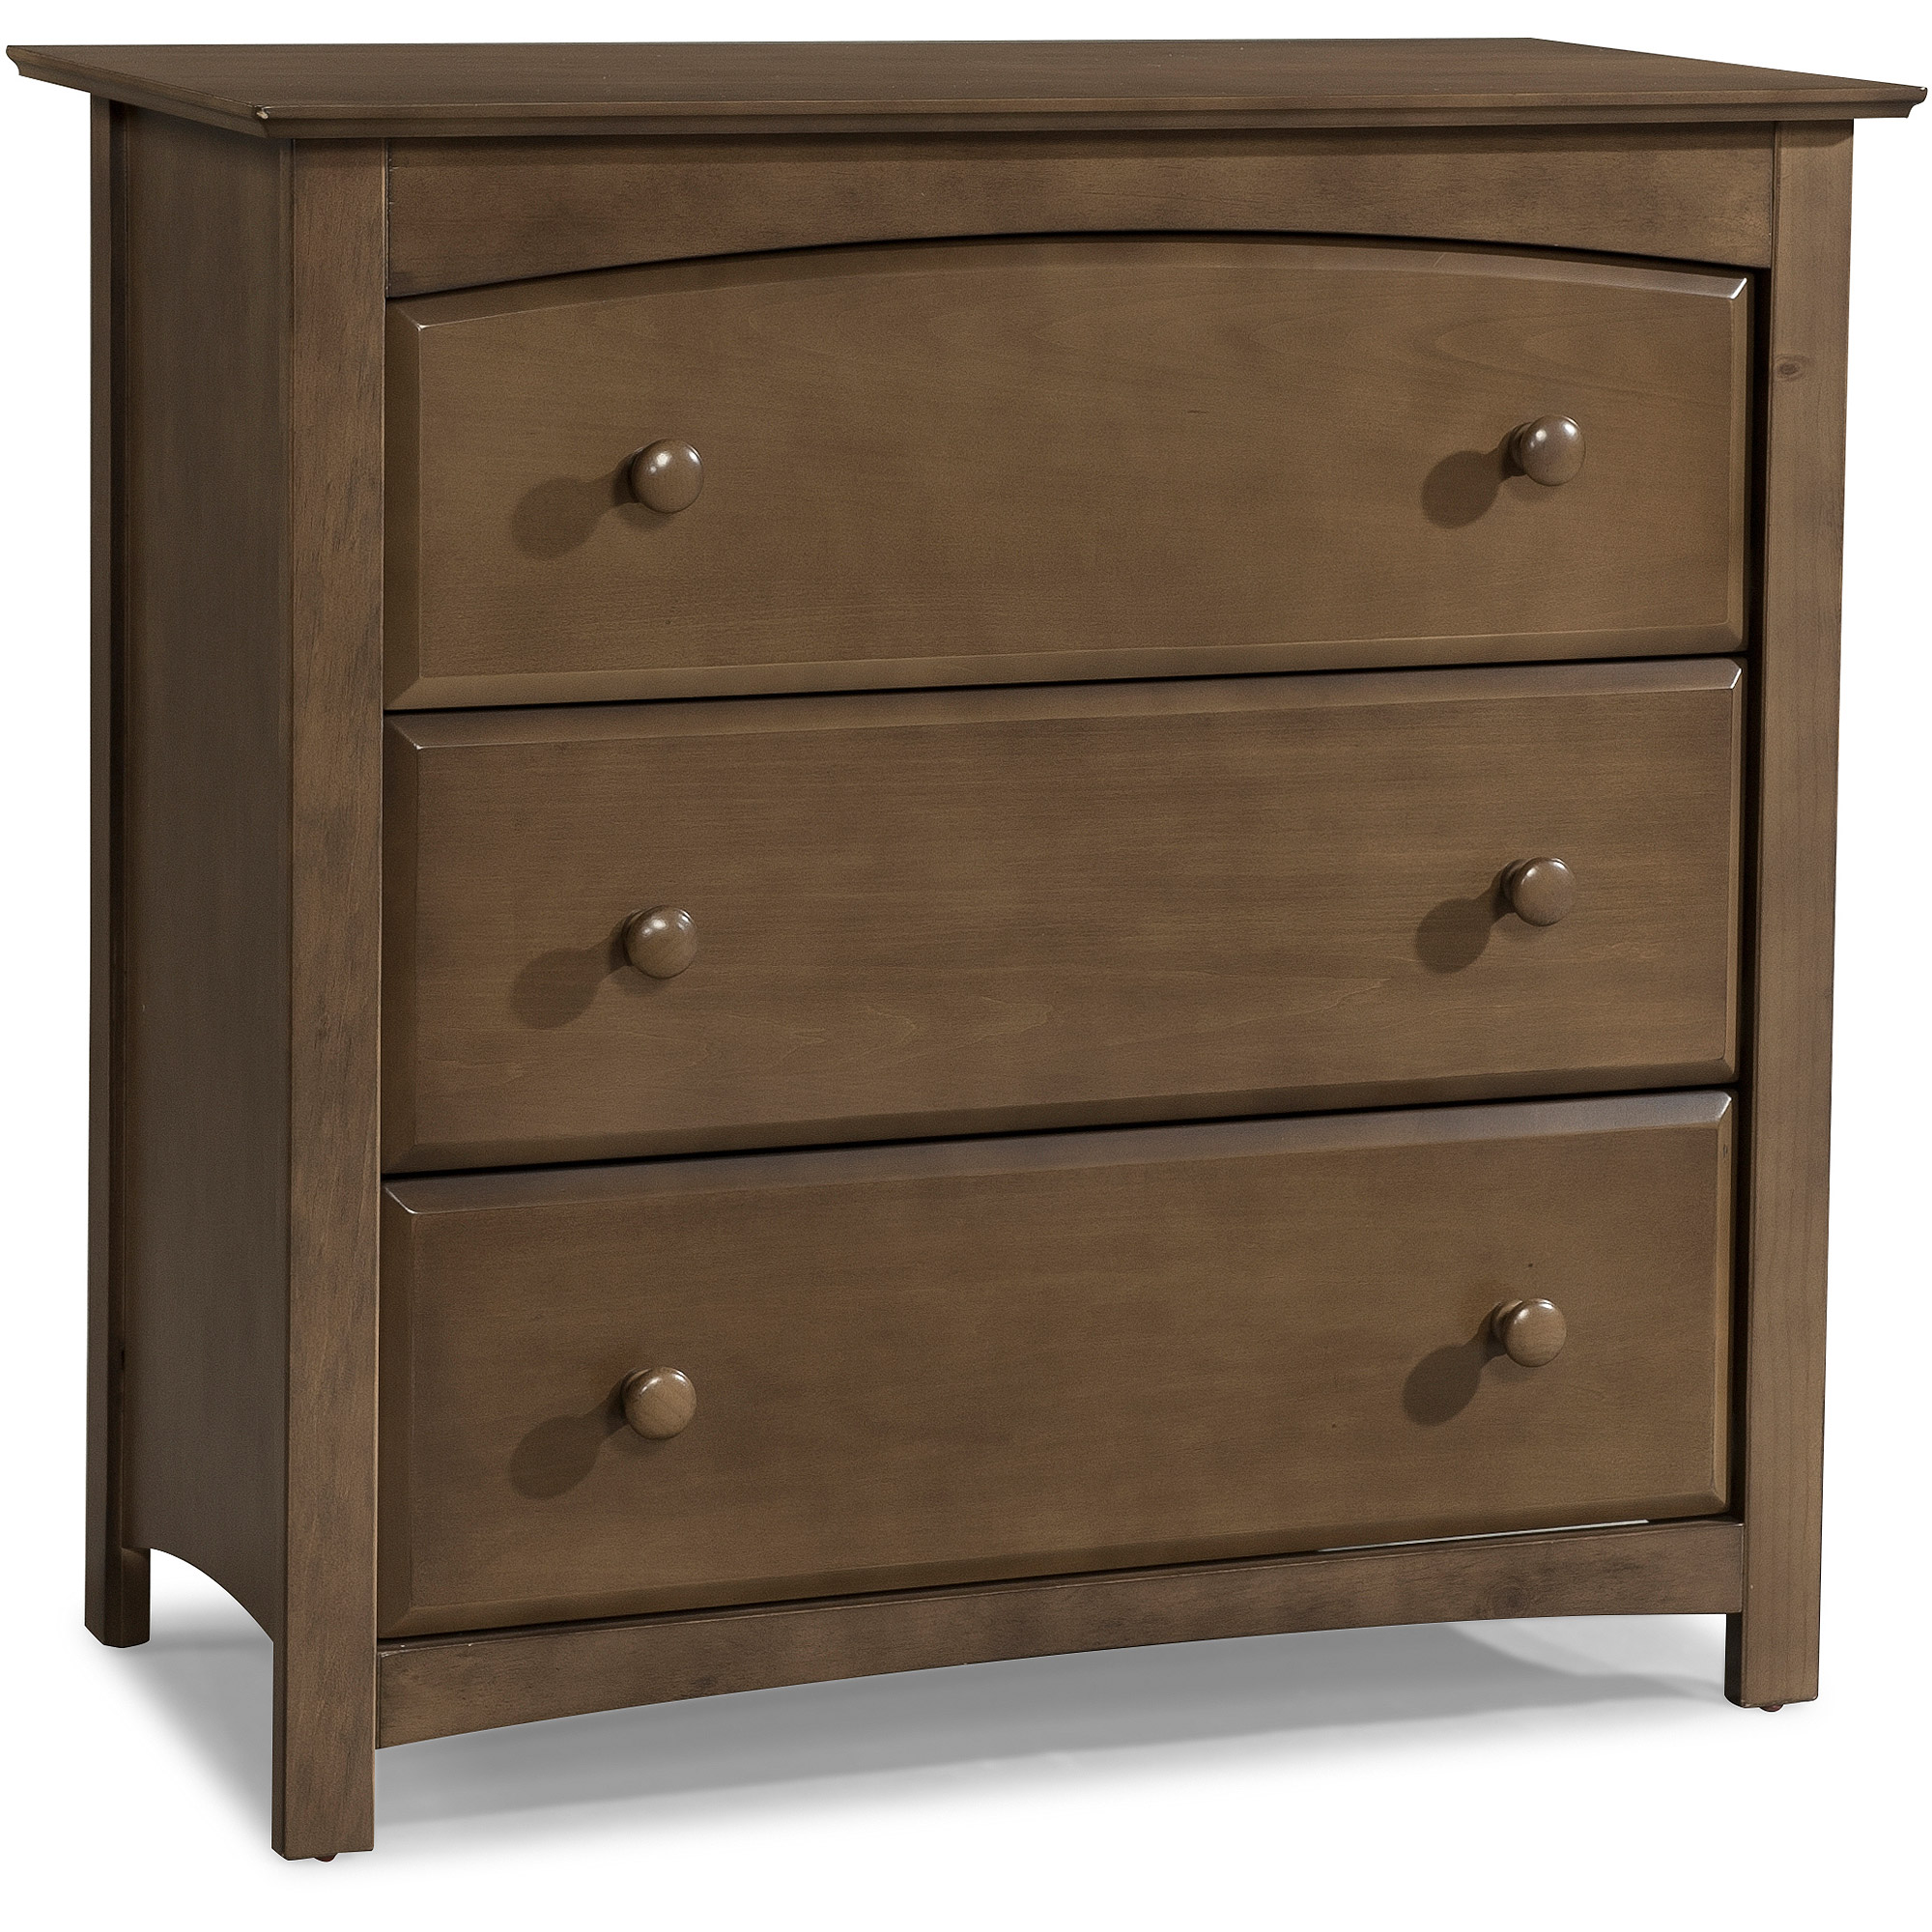 Storkcraft Kenton 3-Drawer Universal Dresser